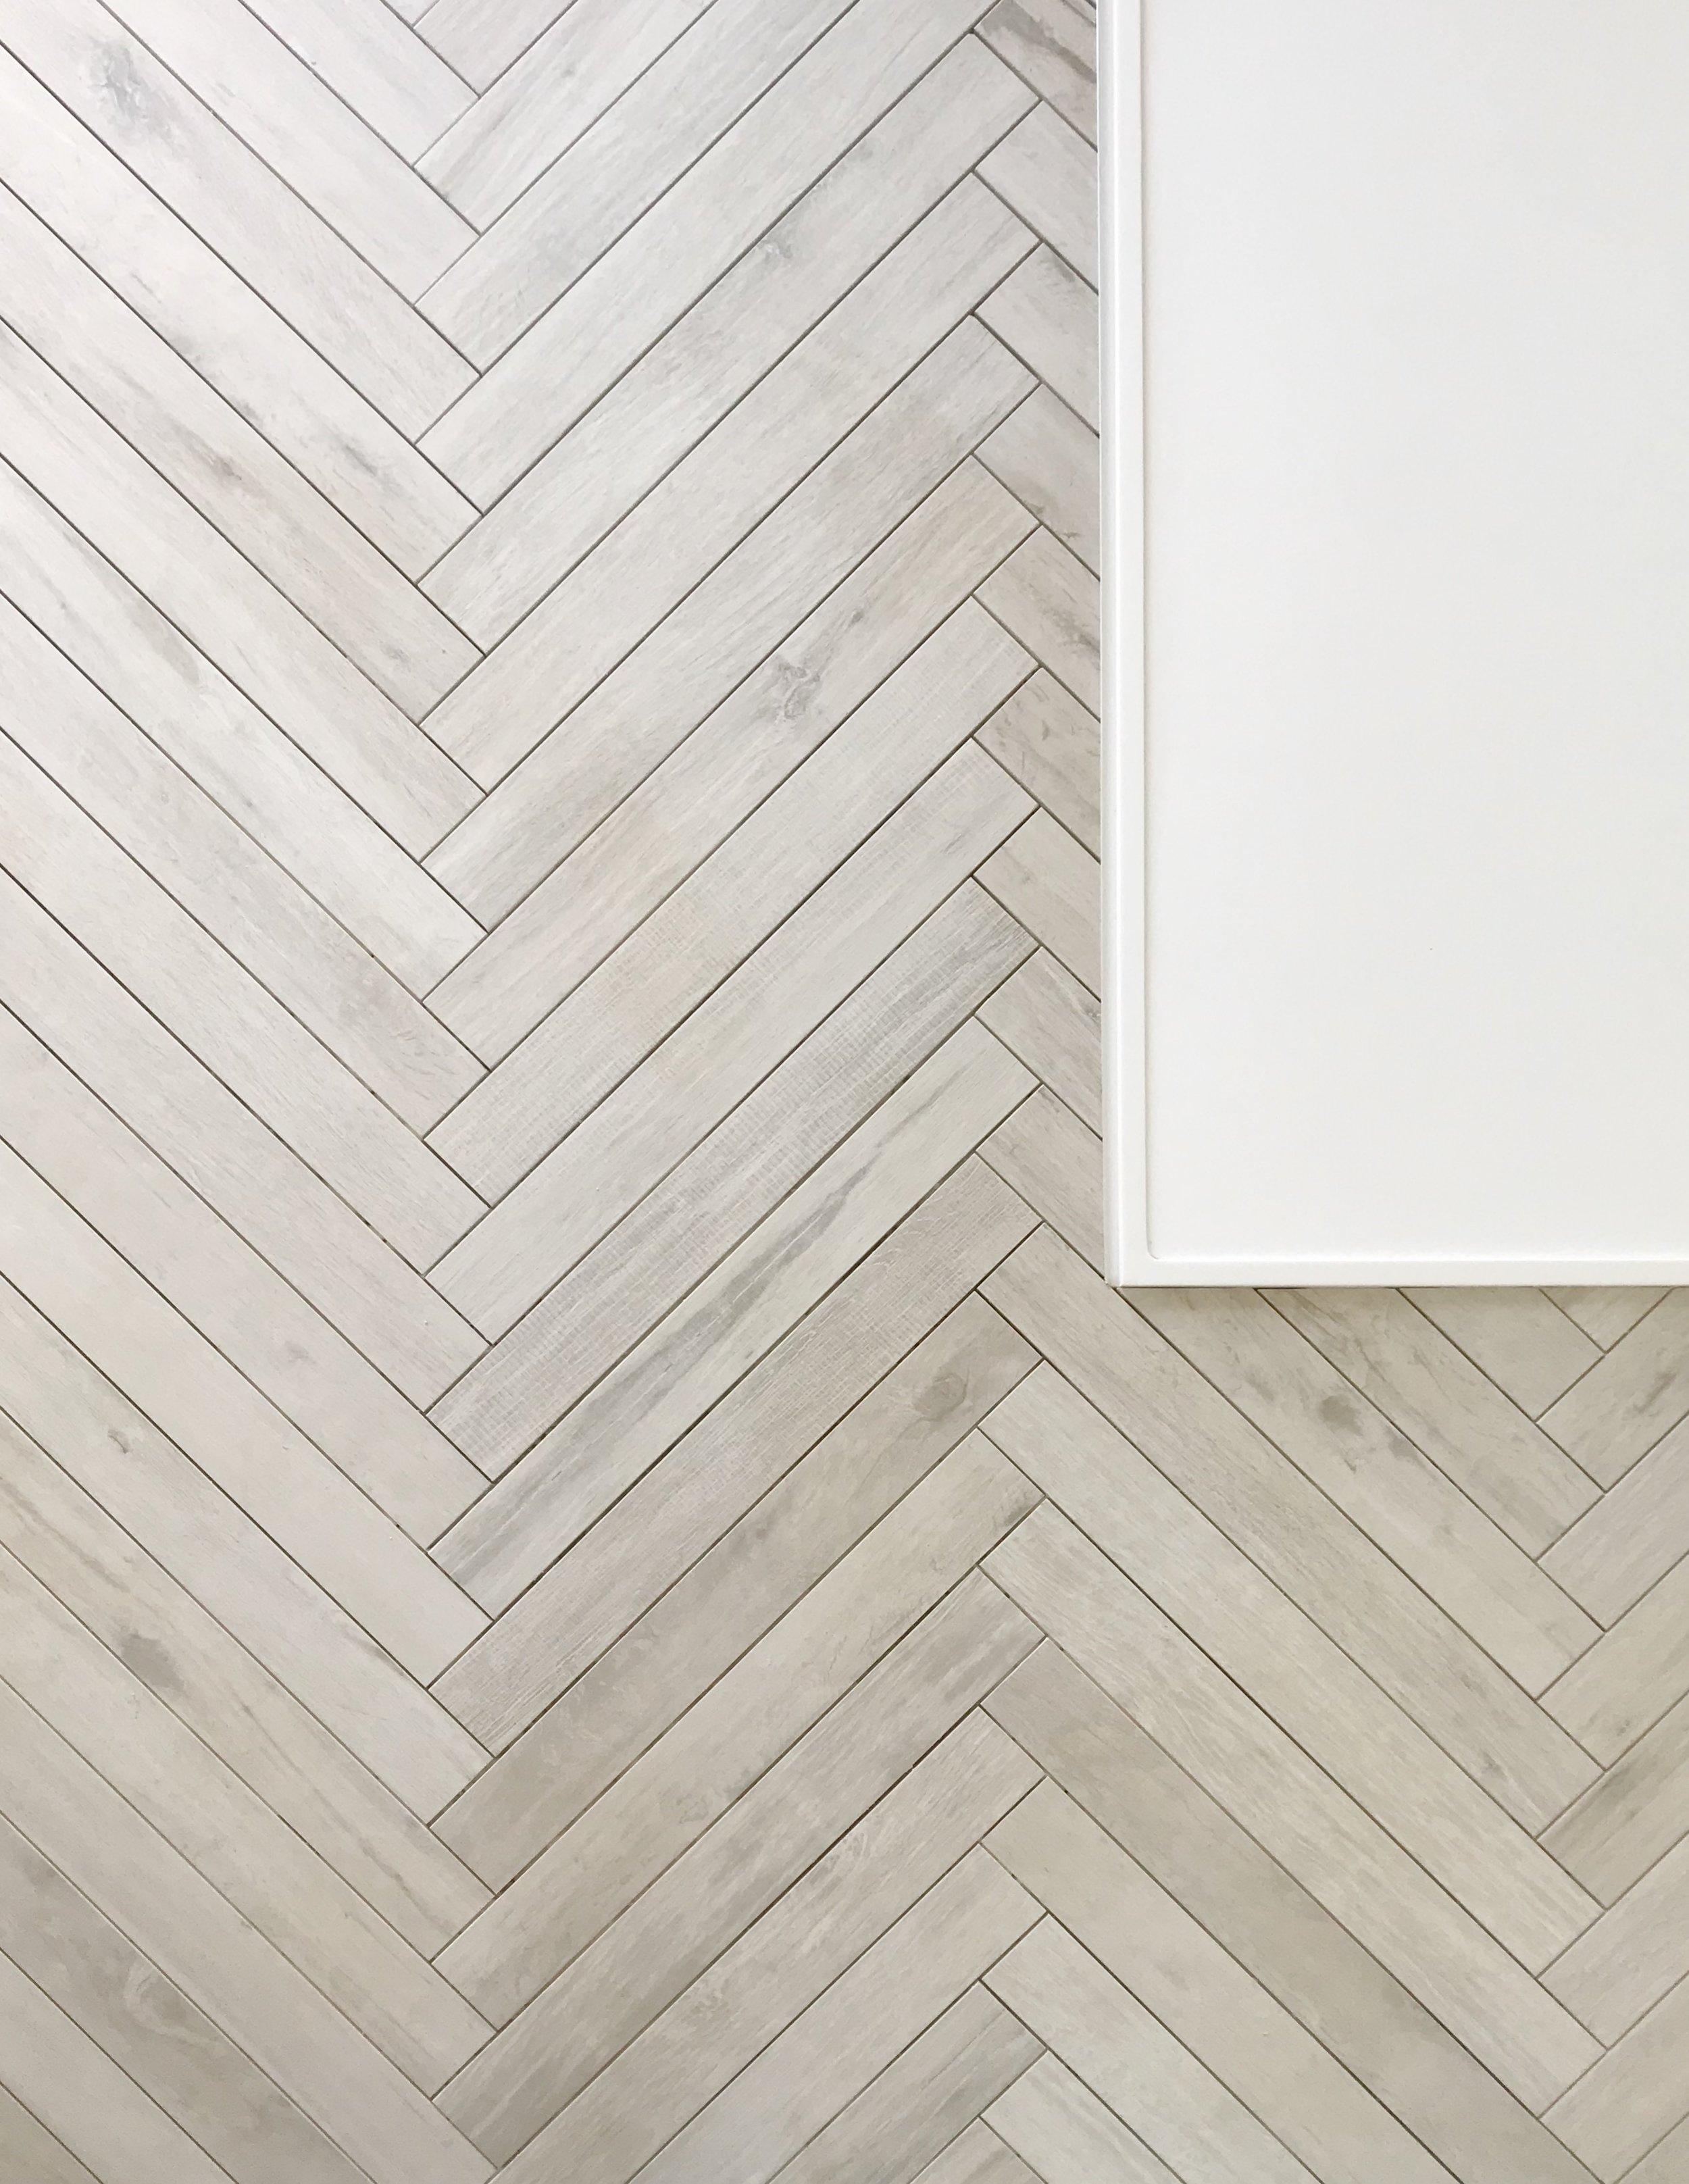 Tile featured: Wood of Cerim waterjet to create herringbone